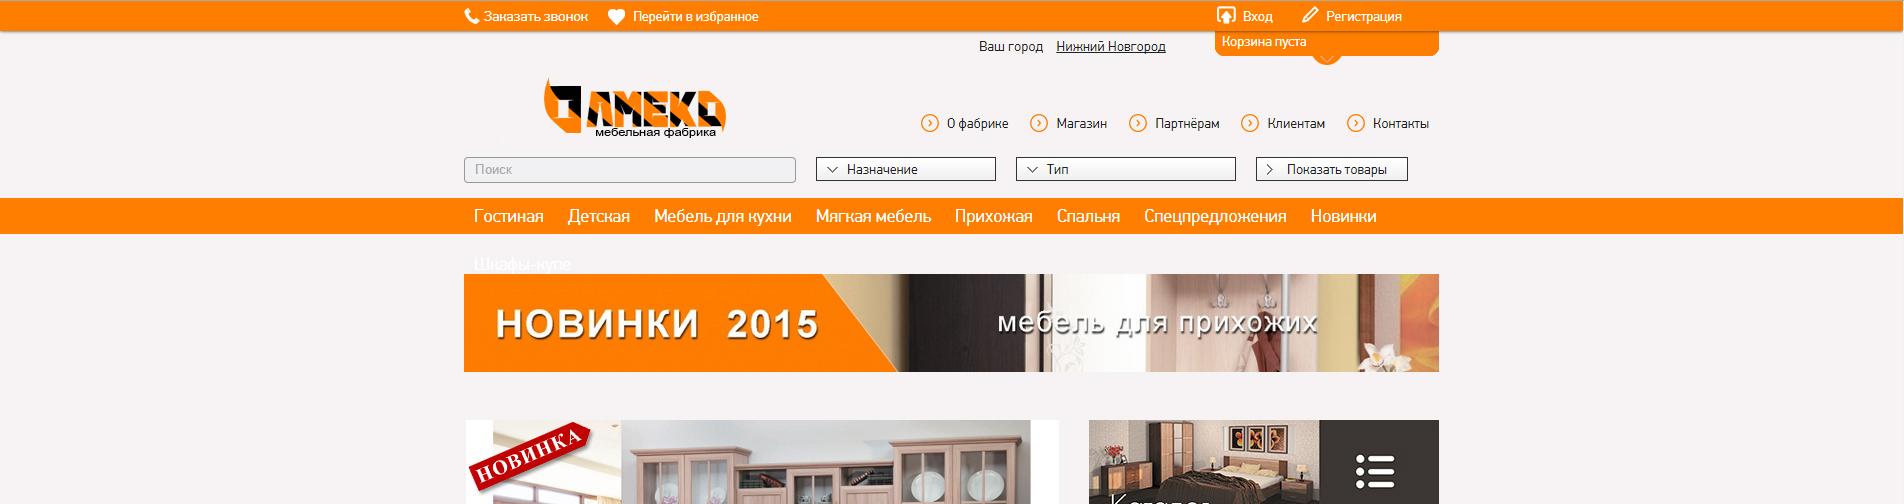 Ребрендинг/Редизайн логотипа Мебельной Фабрики фото f_59354901c399220d.jpg